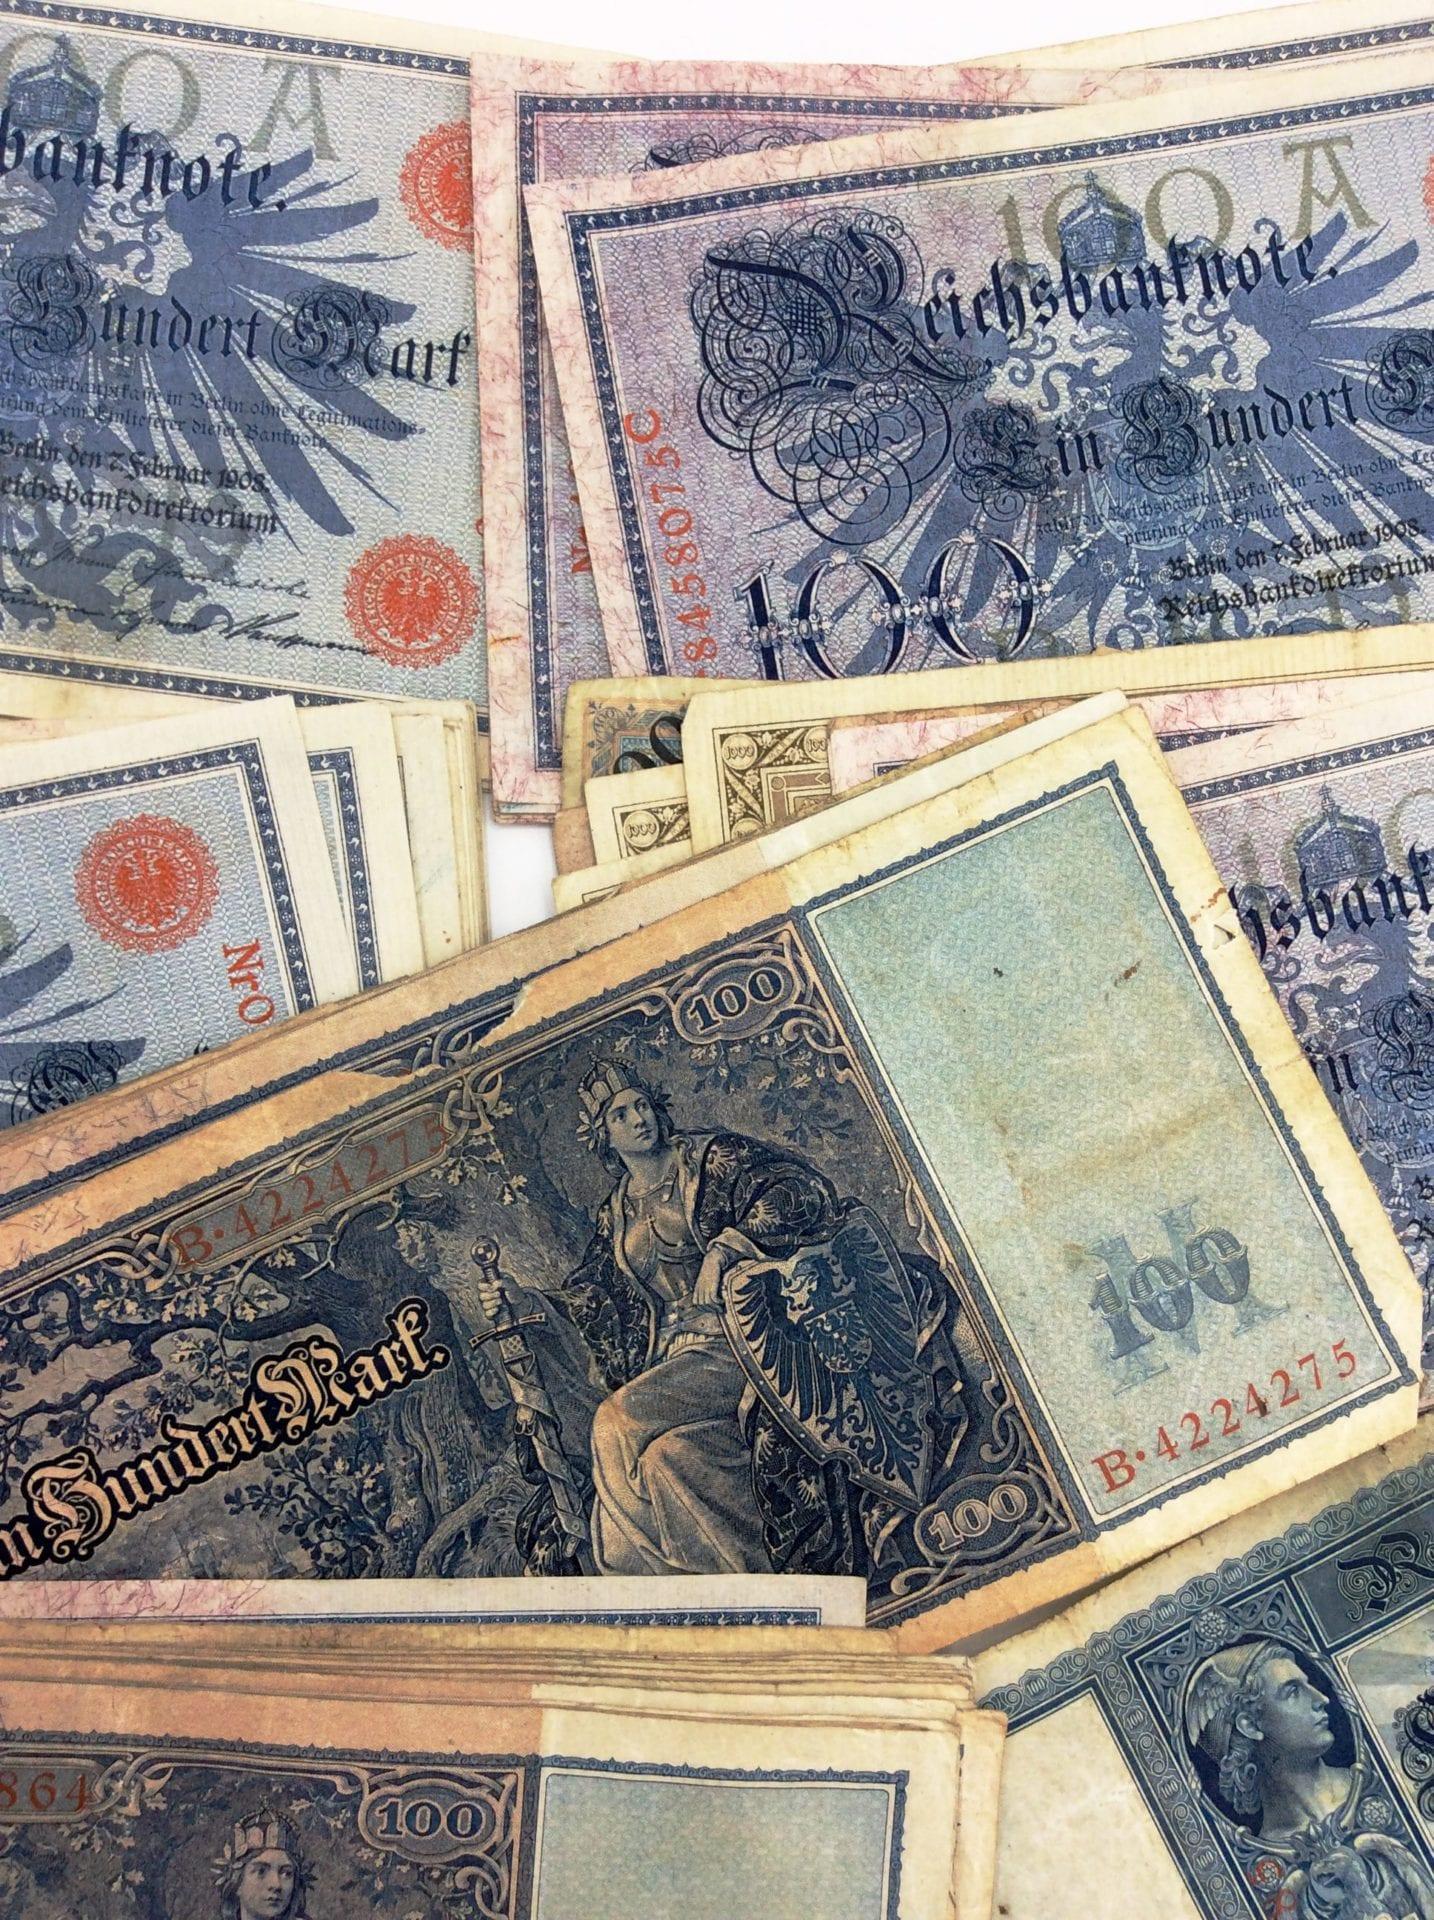 münz auktion notgeld auktion stuttgart ulm karlsruhe